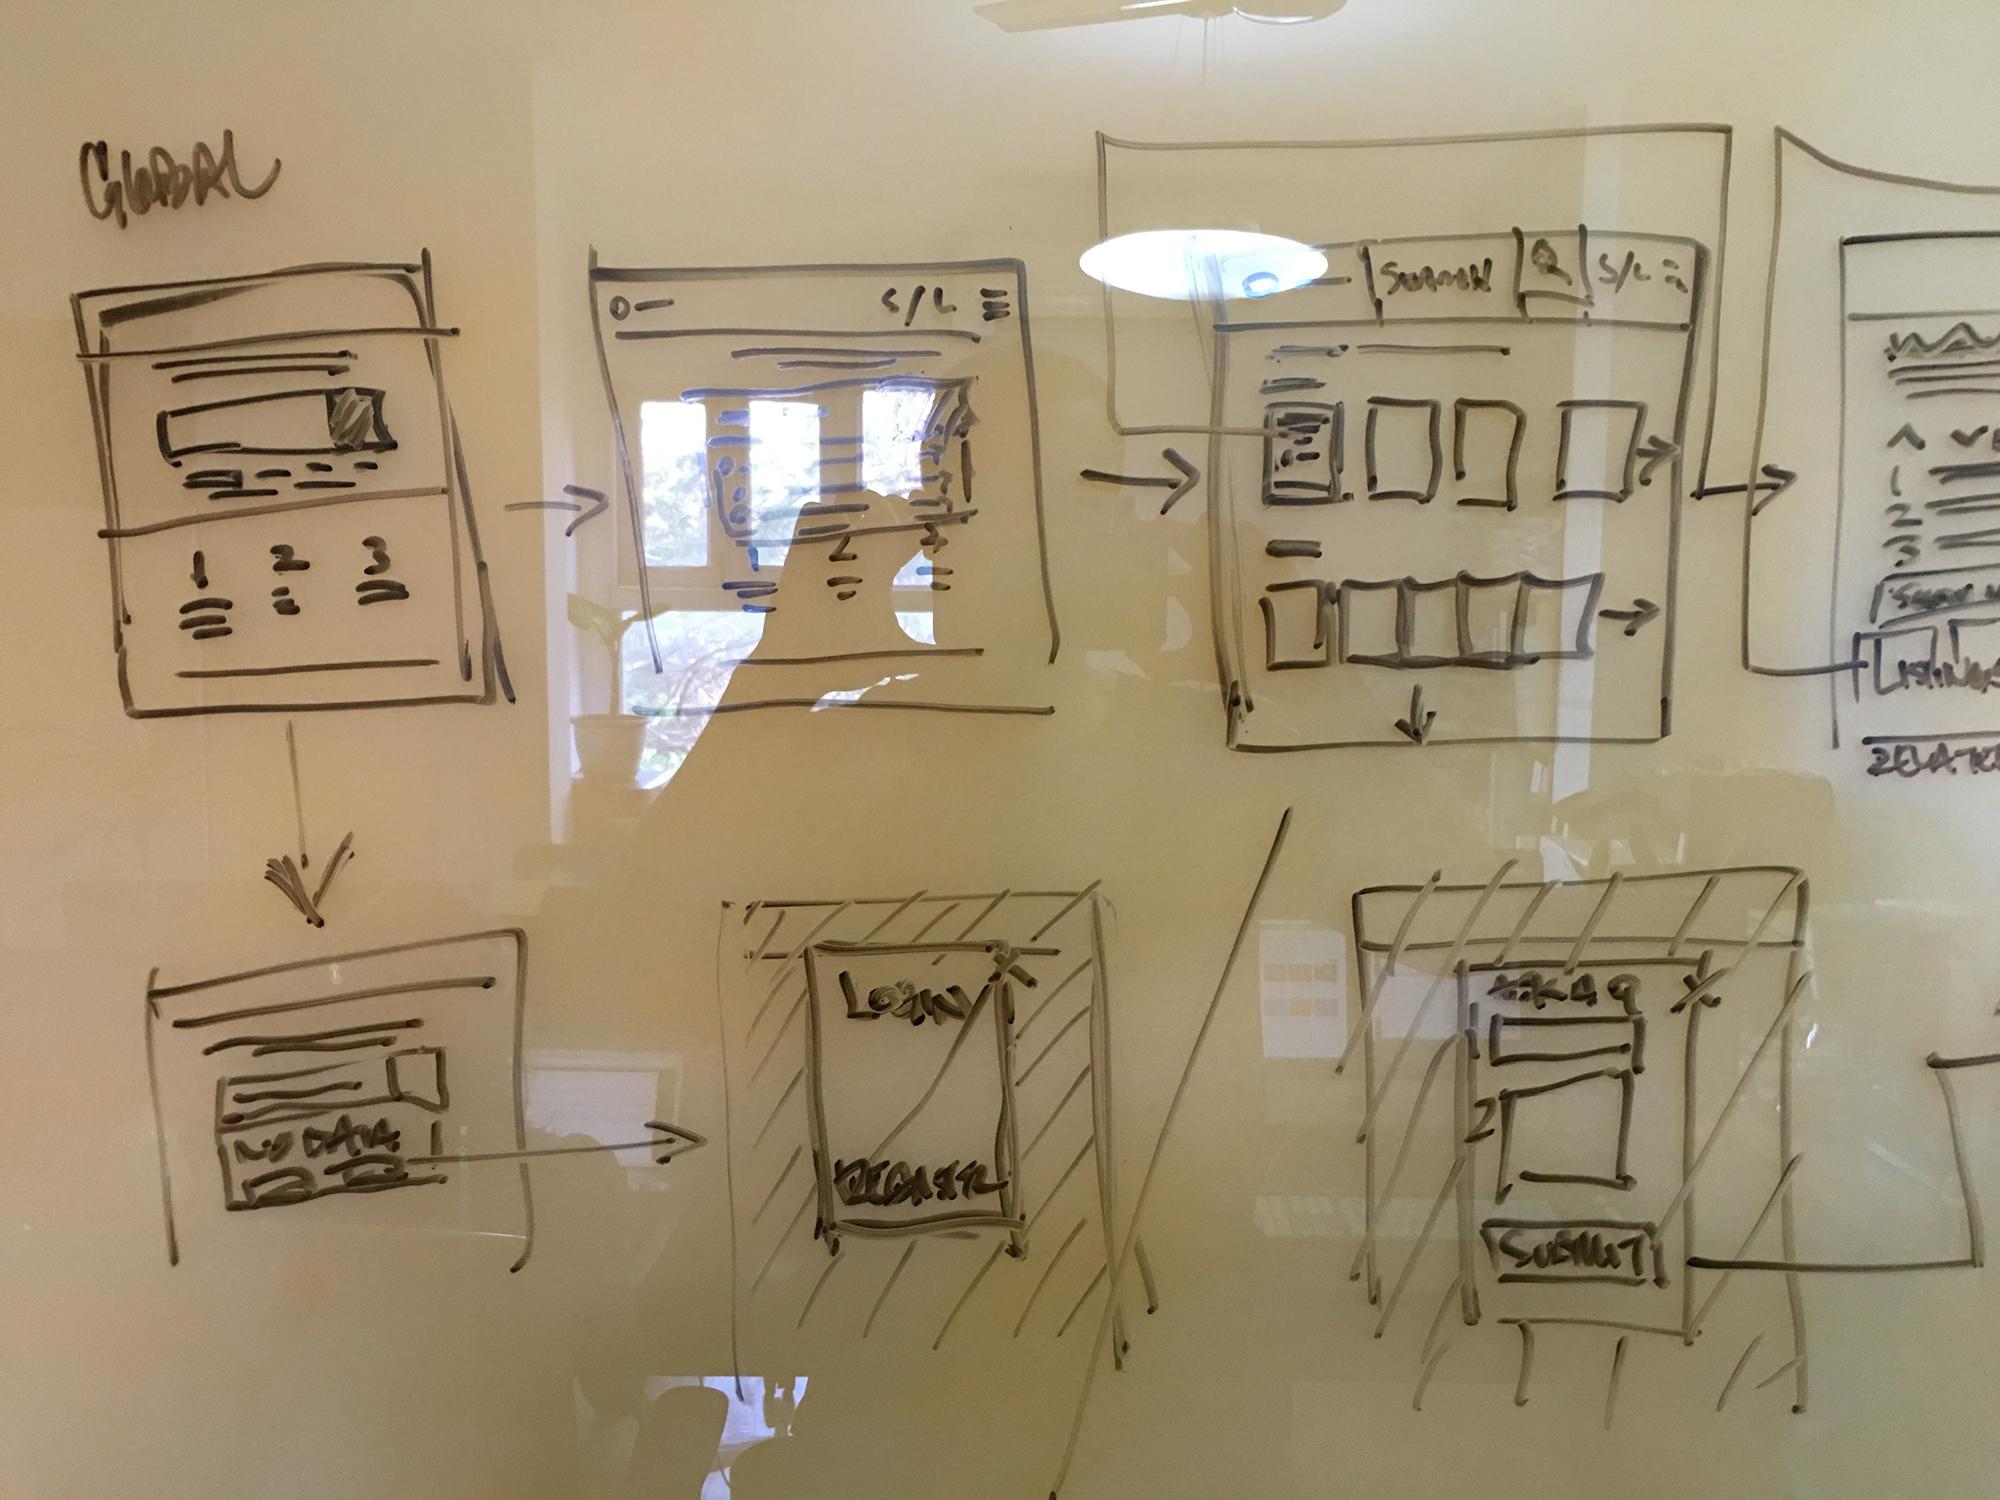 ideate-workflows